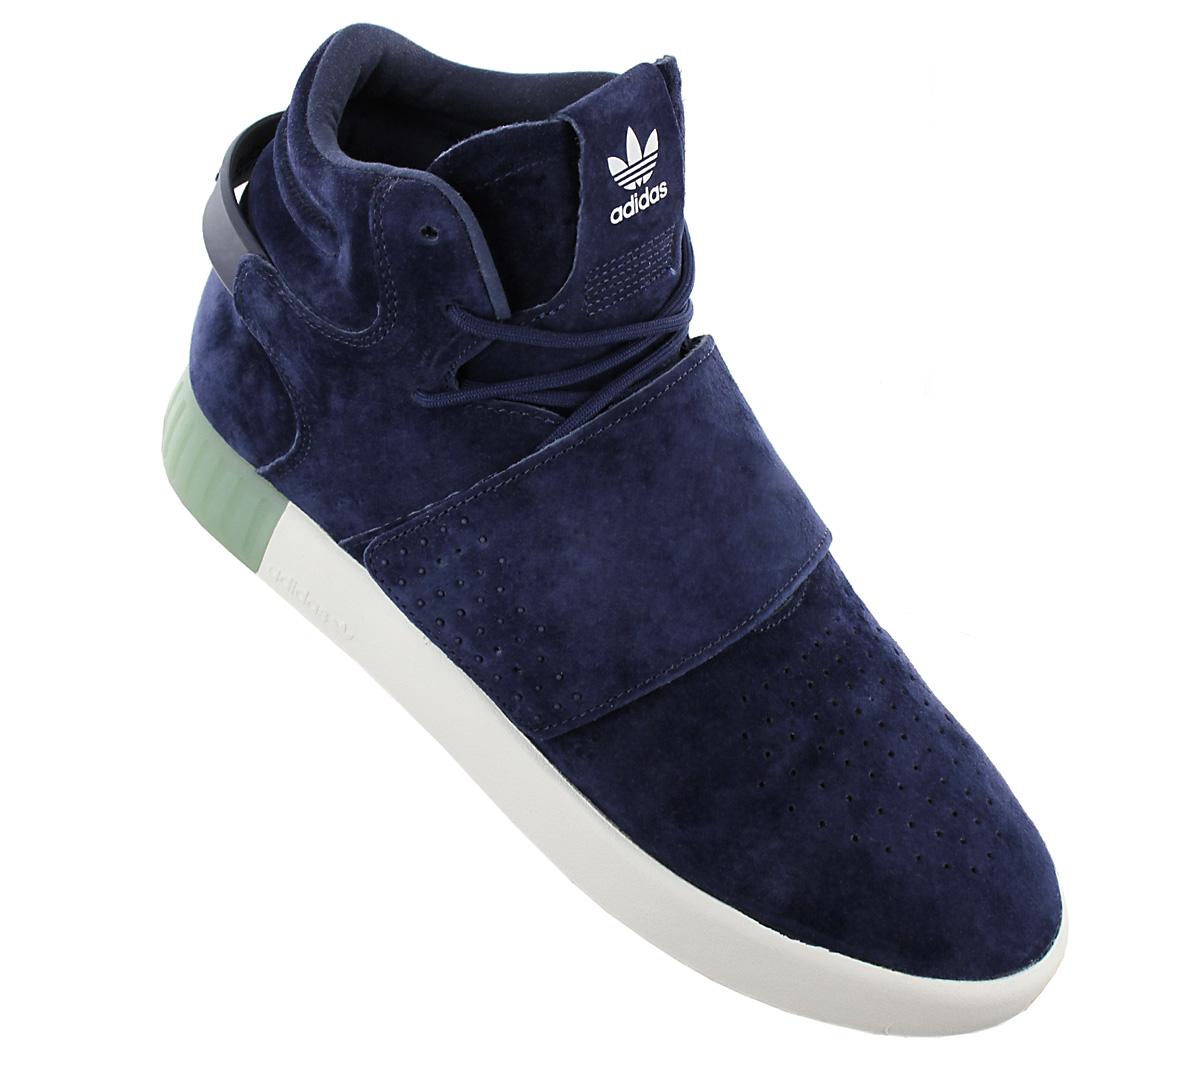 NEU adidas Originals Tubular Invader Strap Herren Schuhe Wildleder Blau BB5041 S